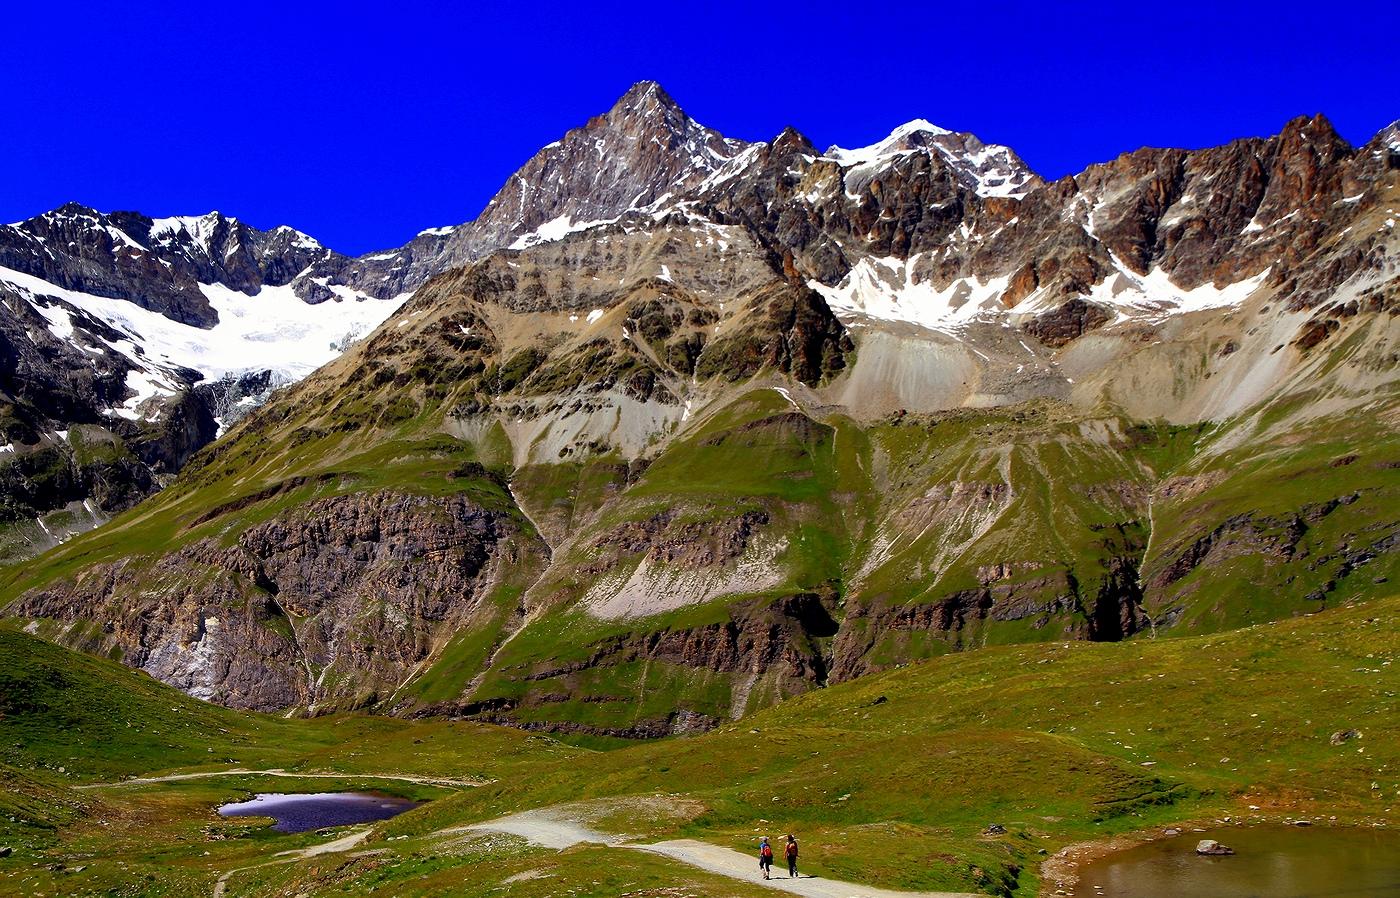 * * *Даже созерцание великой красоты гор только тогда может быть полным, когда рядом с тобой друг.Яков Аркин, многократный победитель чемпионатов СССР по альпинизму* * *Старт маршрута Matterhorn Glacier Trail, кантон Вале, Швейцария